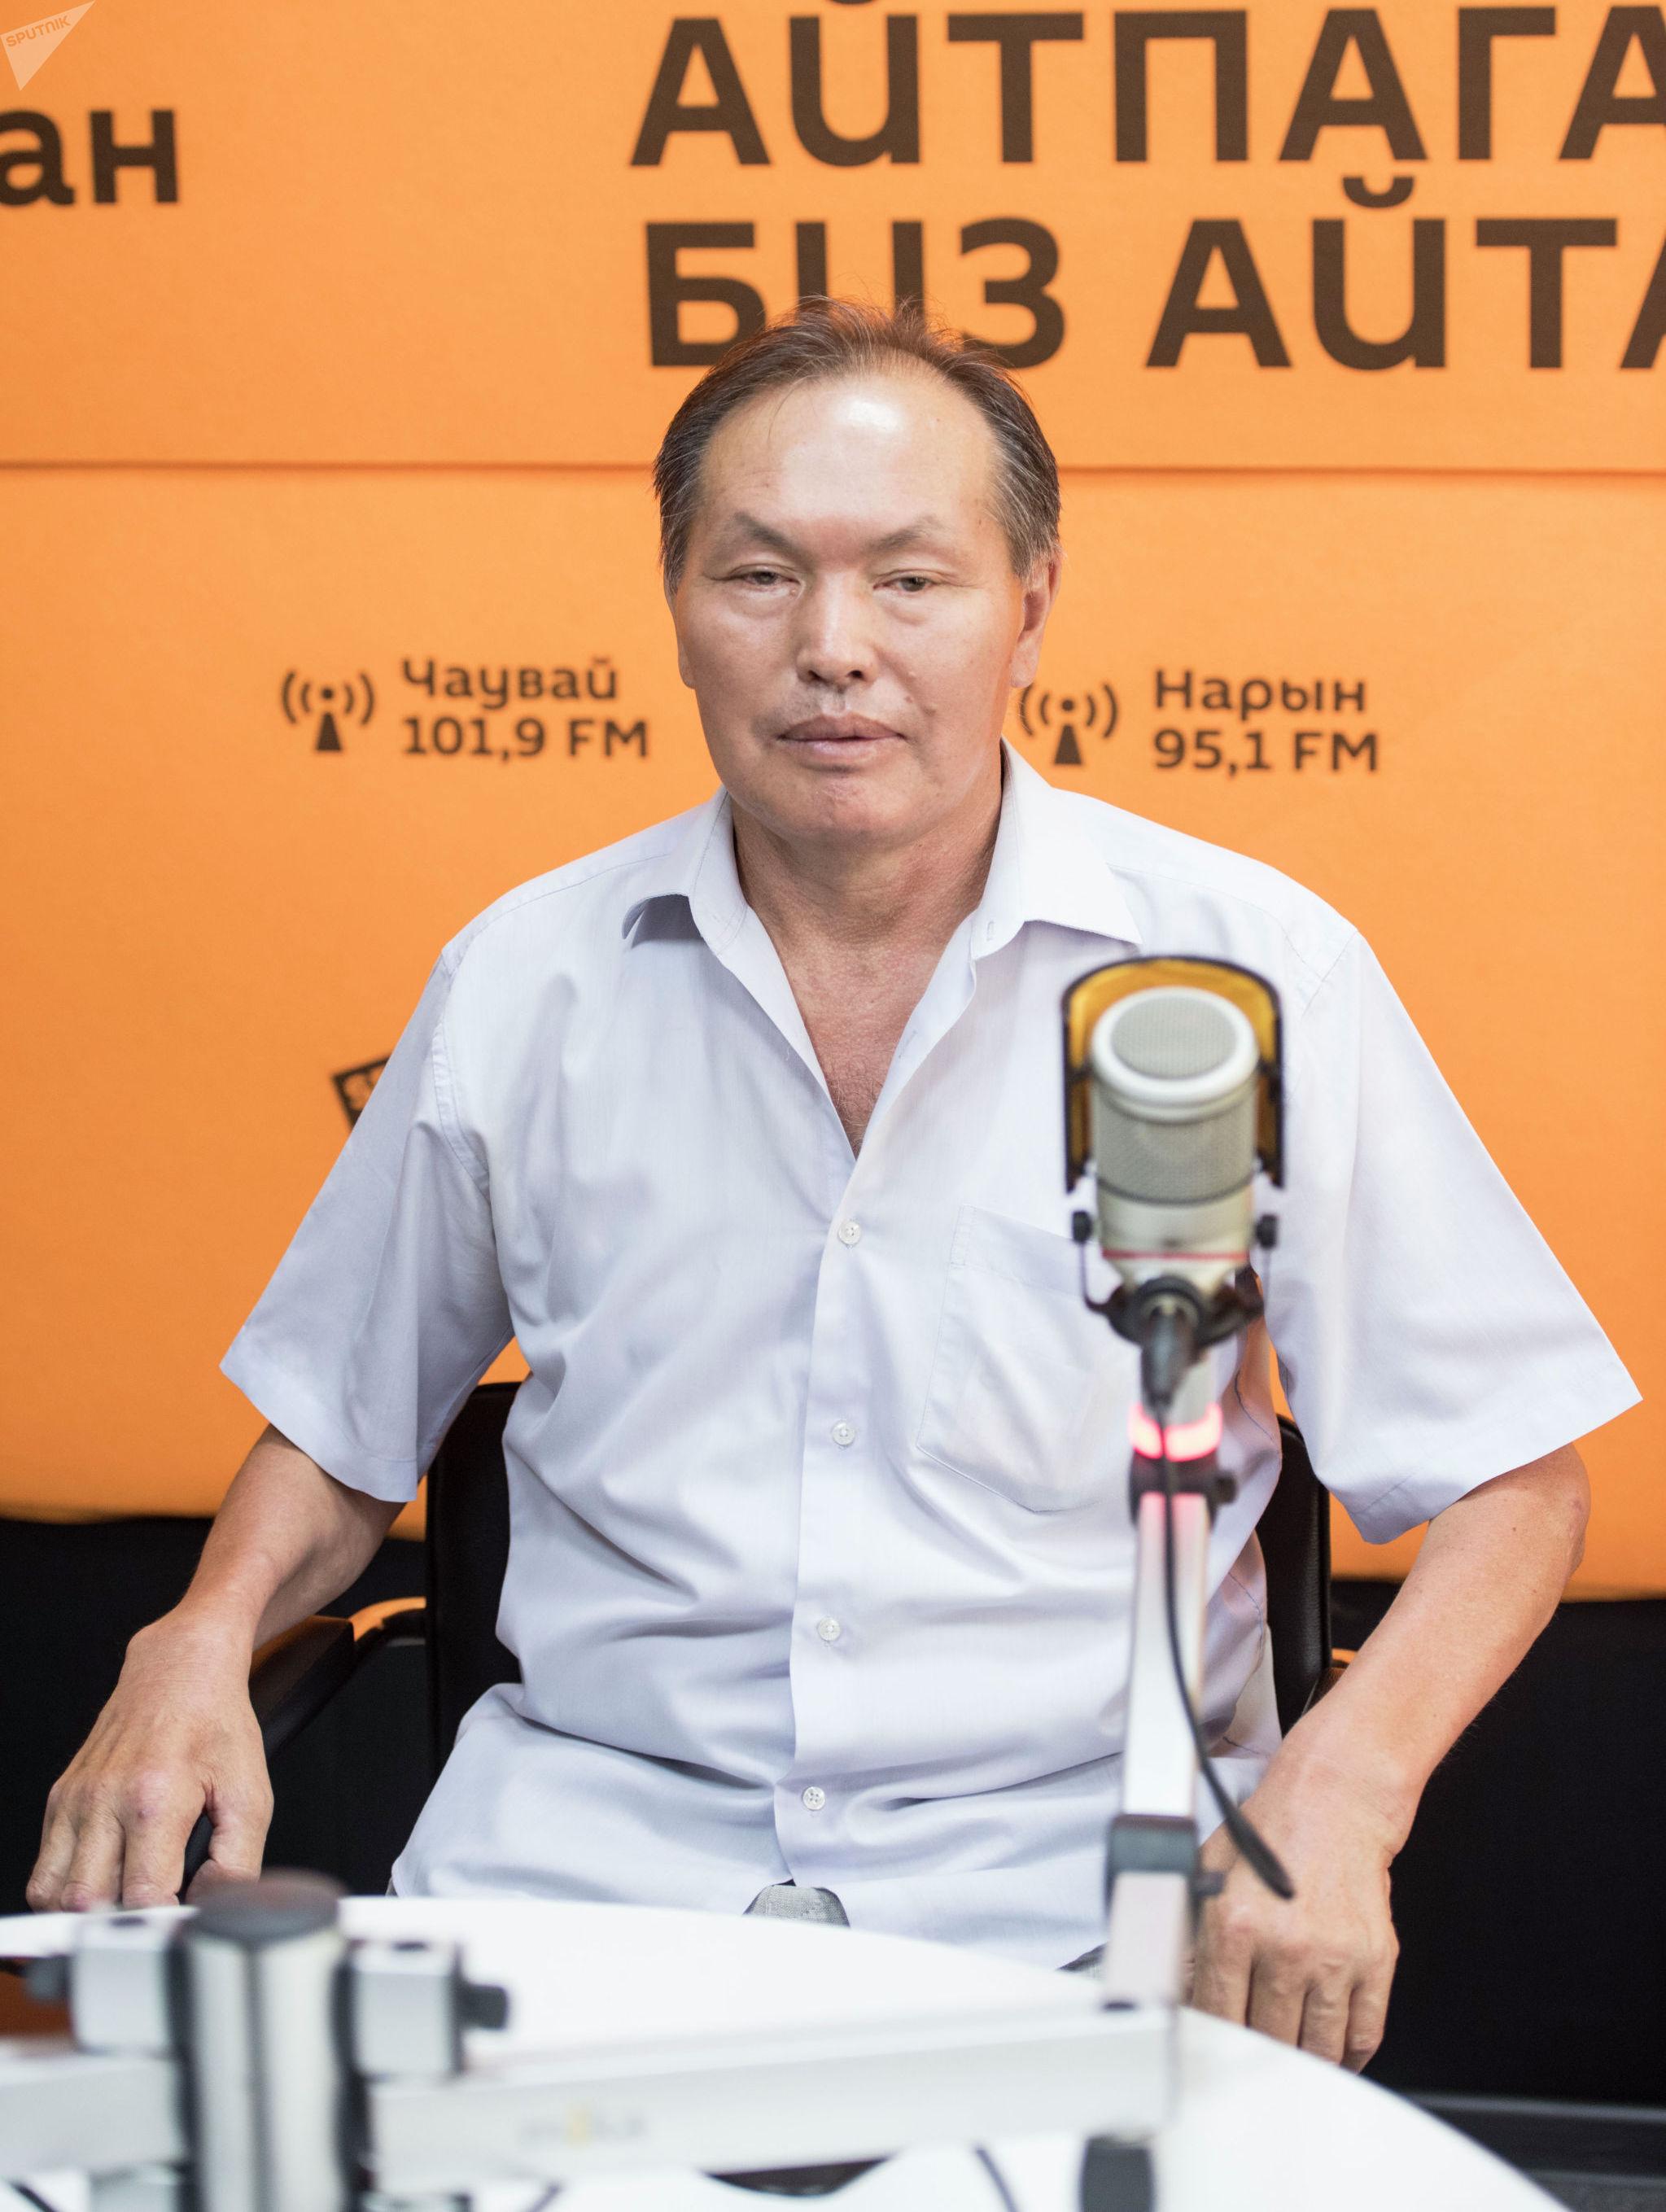 Руководитель одного из отделов в центре национальной хирургии Дуйшенбек Сыргаев во время беседы на радио